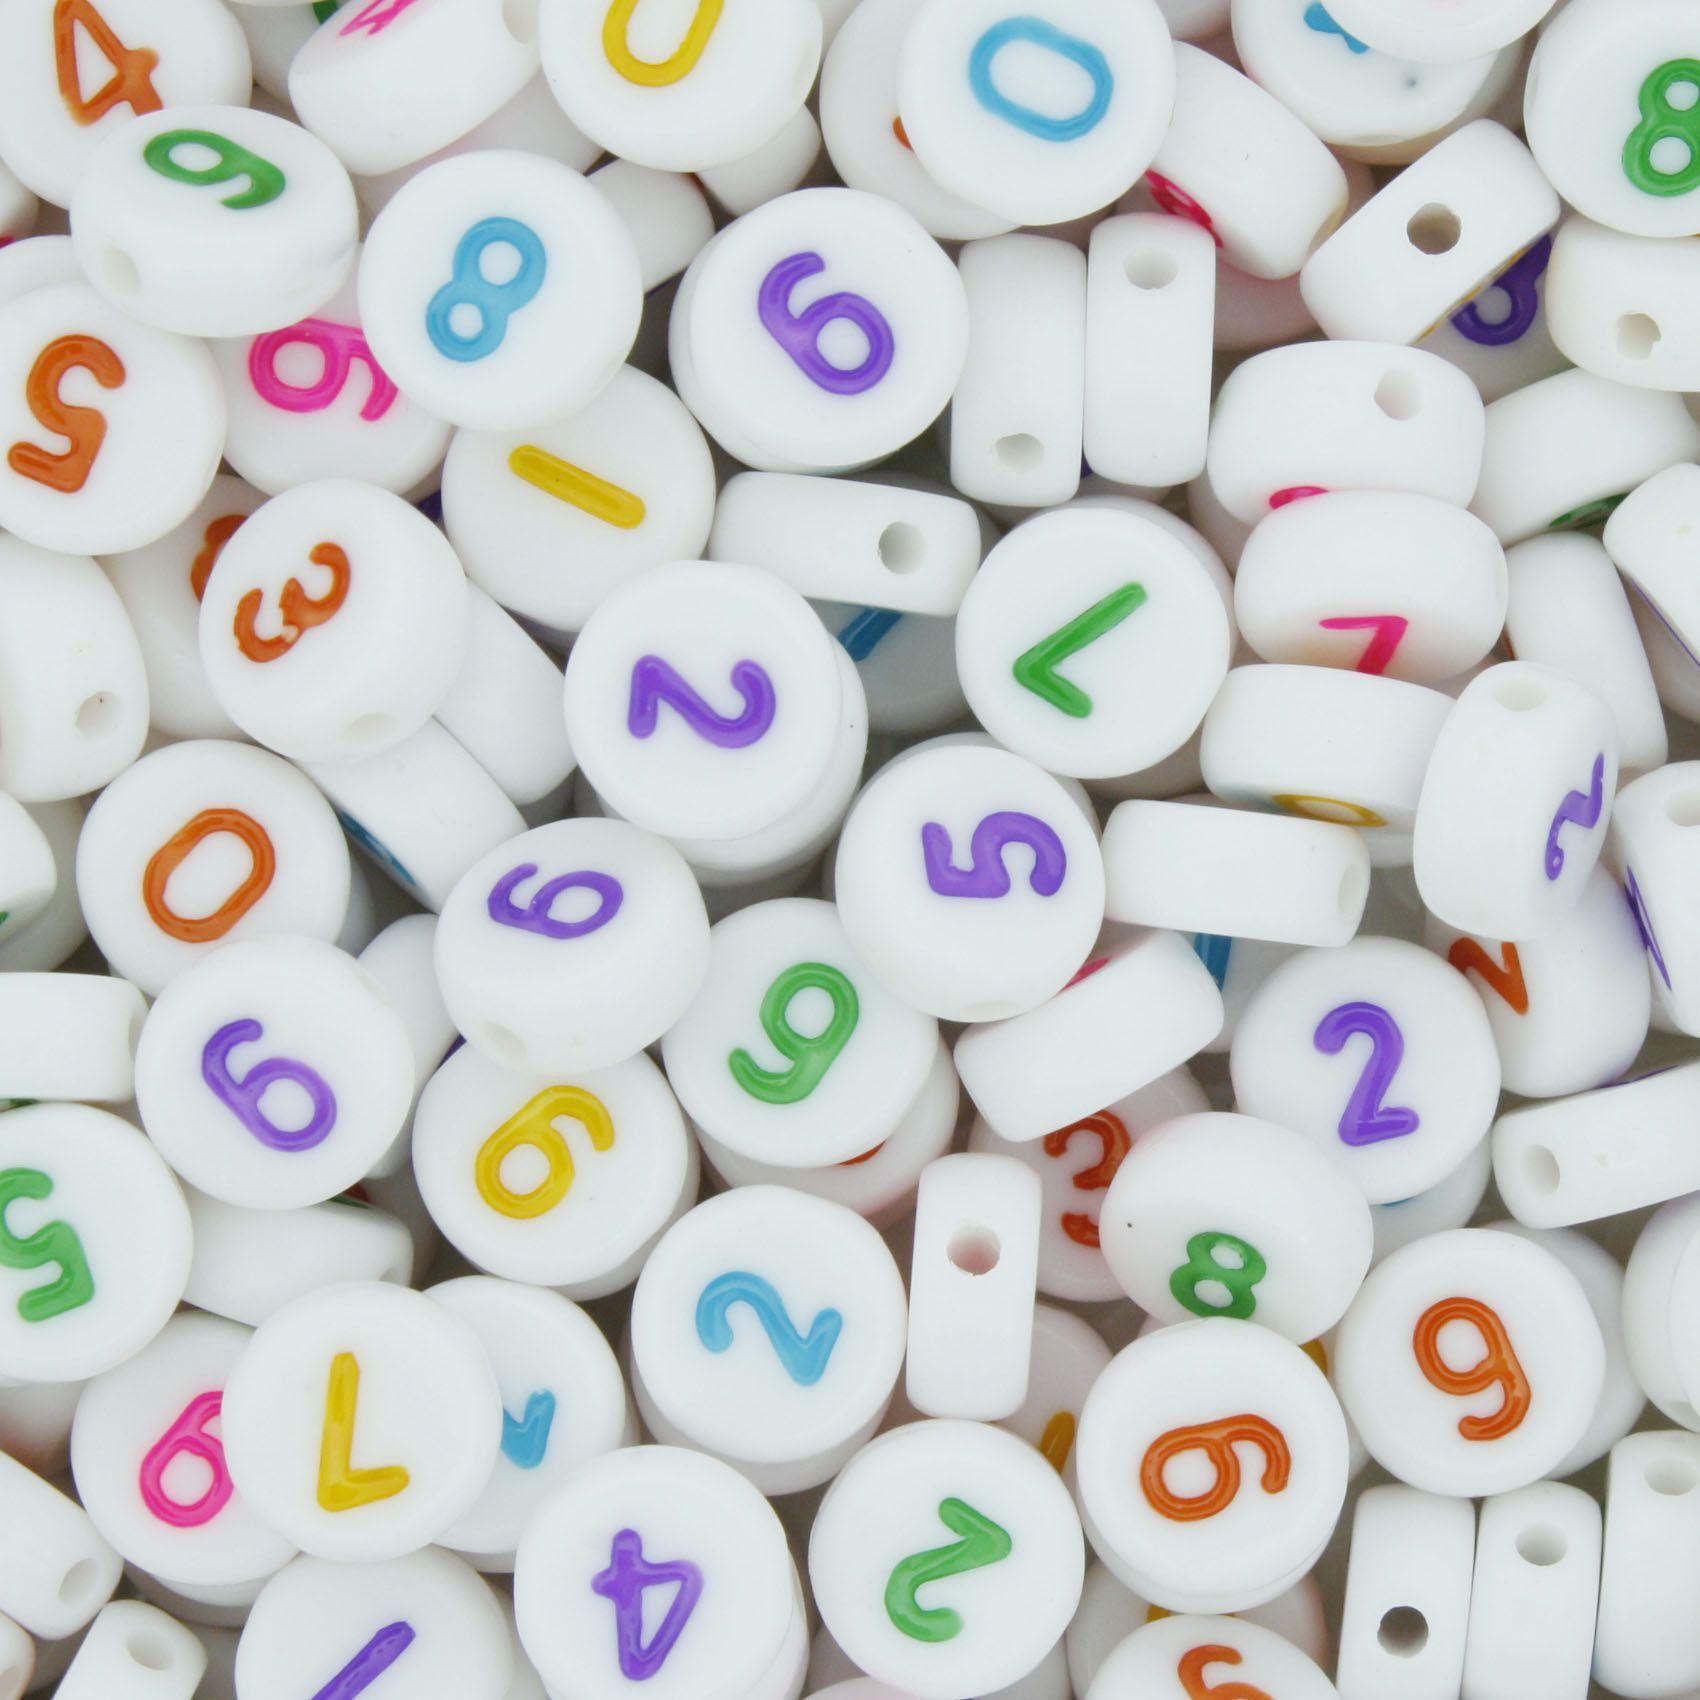 Miçanga - Números Disco Branco Colorido  - Stéphanie Bijoux® - Peças para Bijuterias e Artesanato